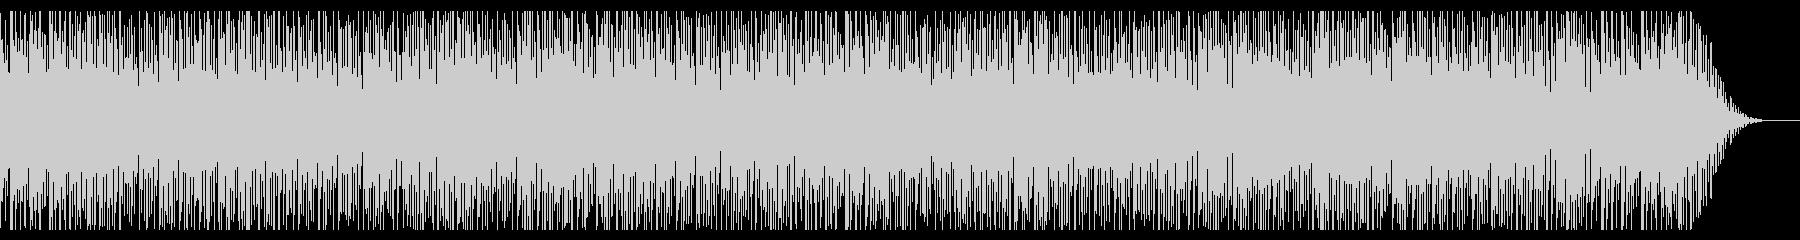 レトロゲーム風BGM(FM音源)の未再生の波形